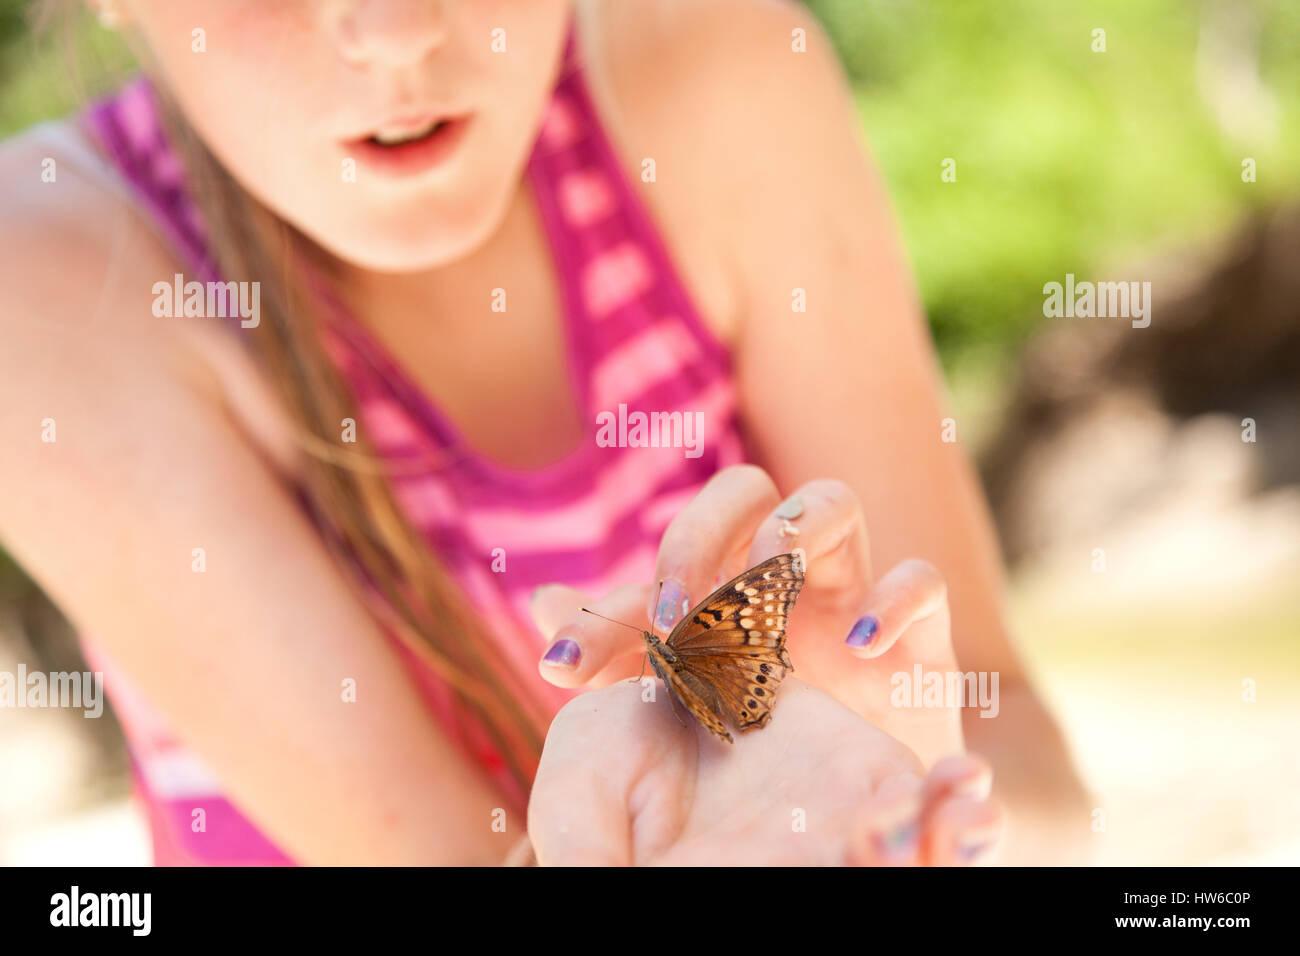 Chica con mariposas en la mano Imagen De Stock